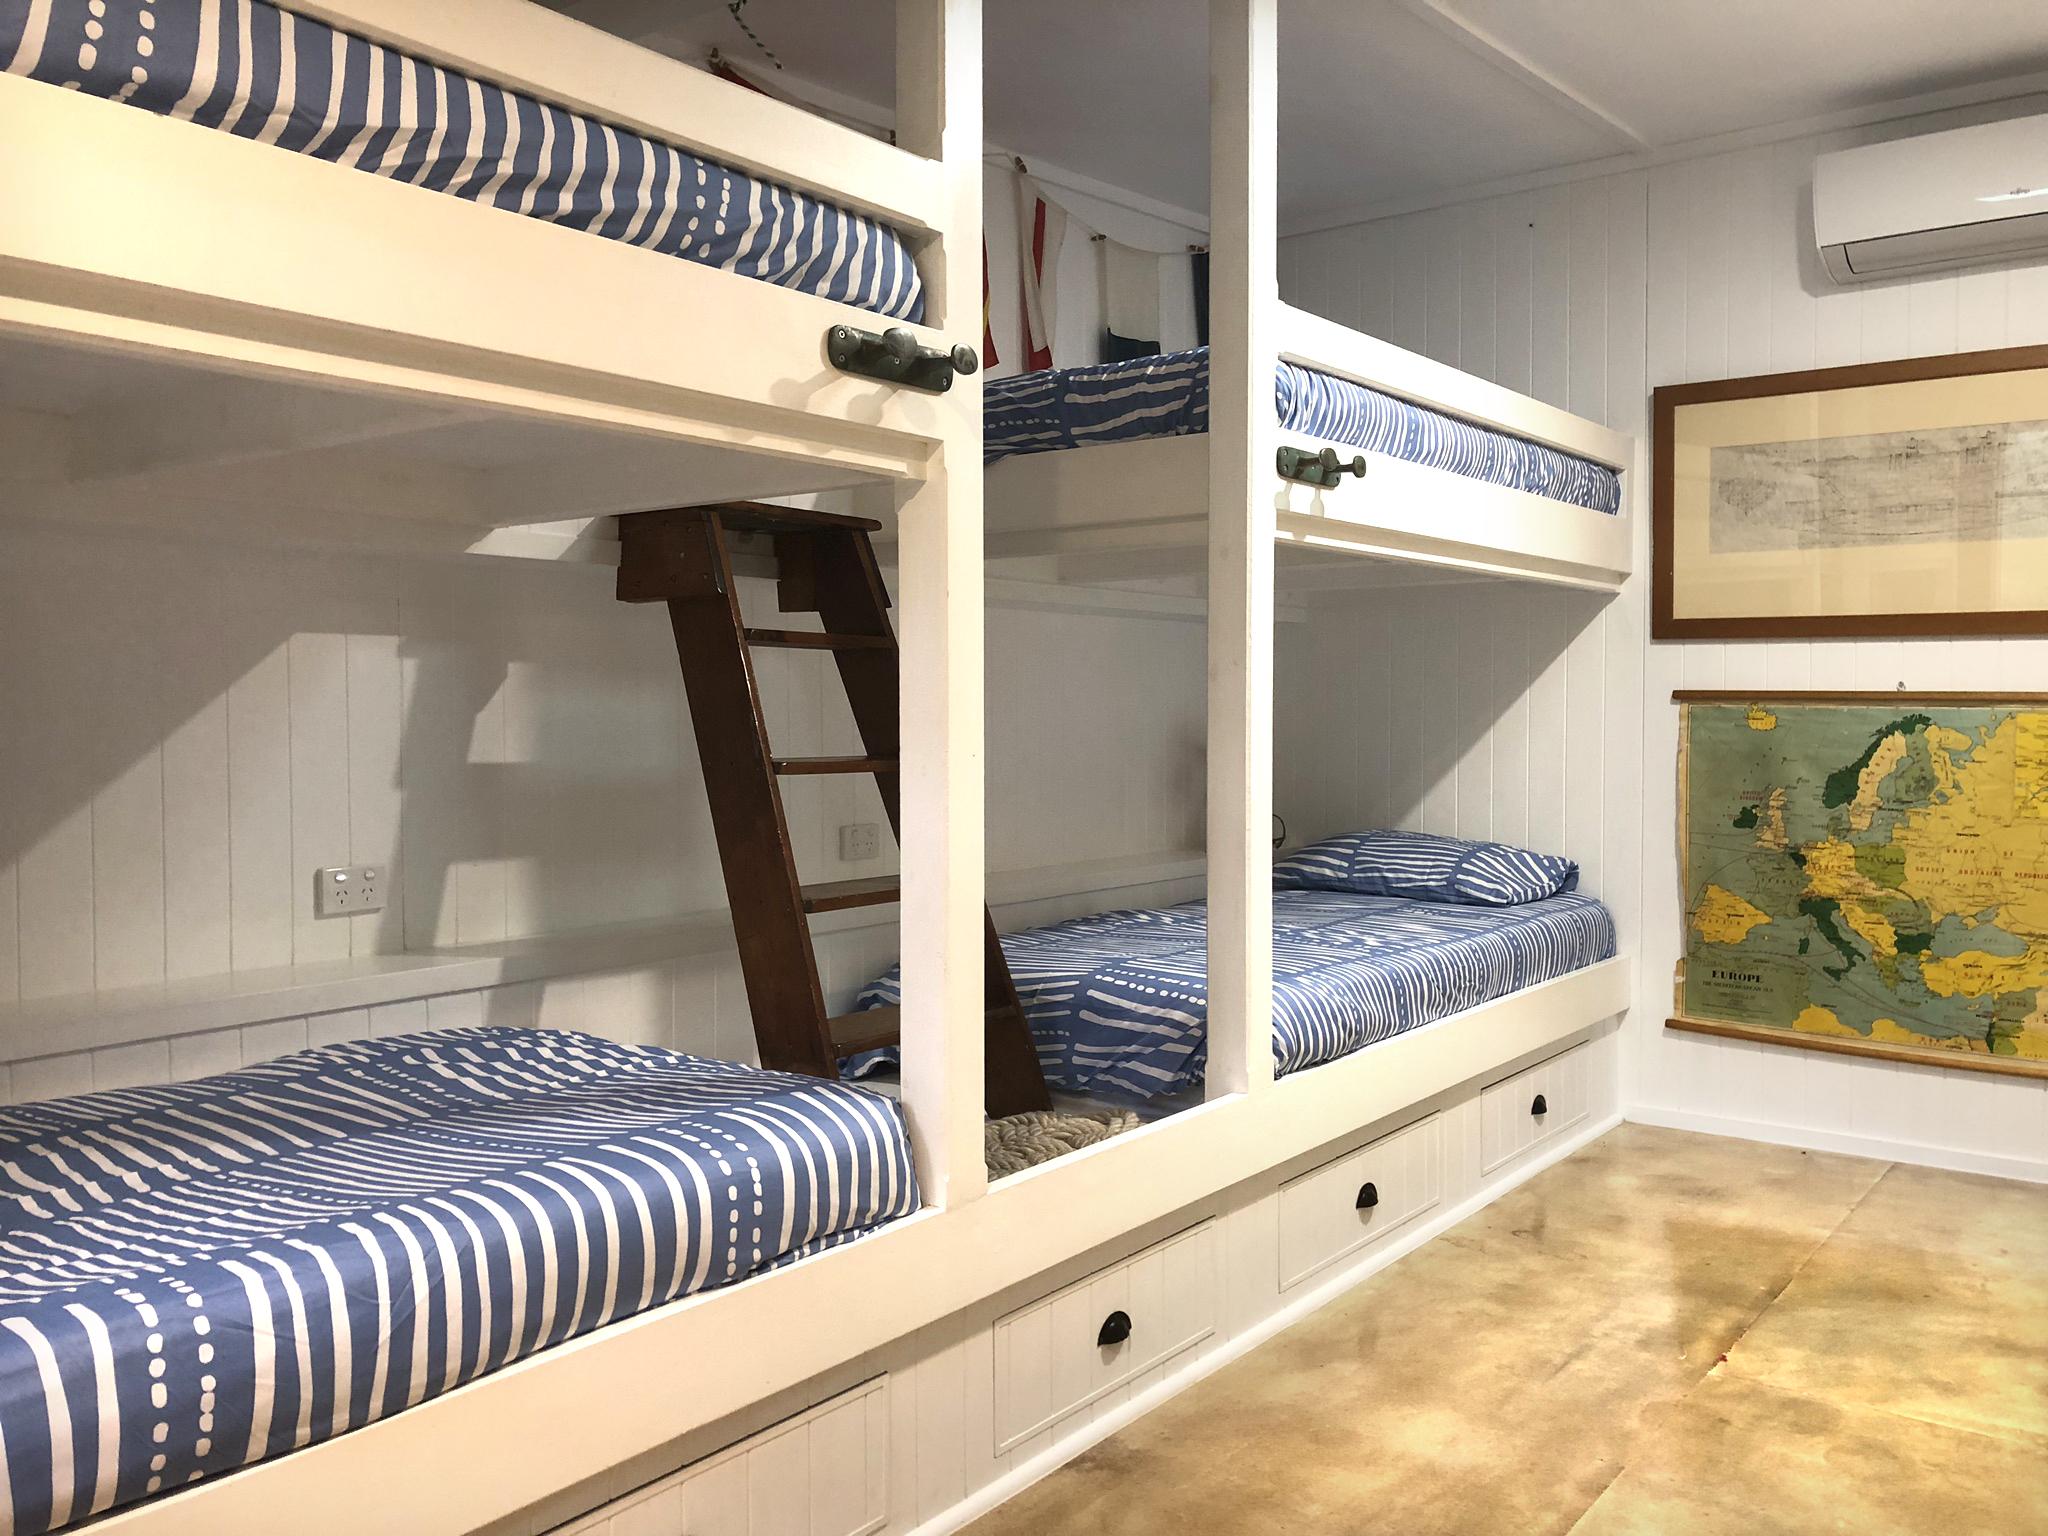 bunkbeds.jpg